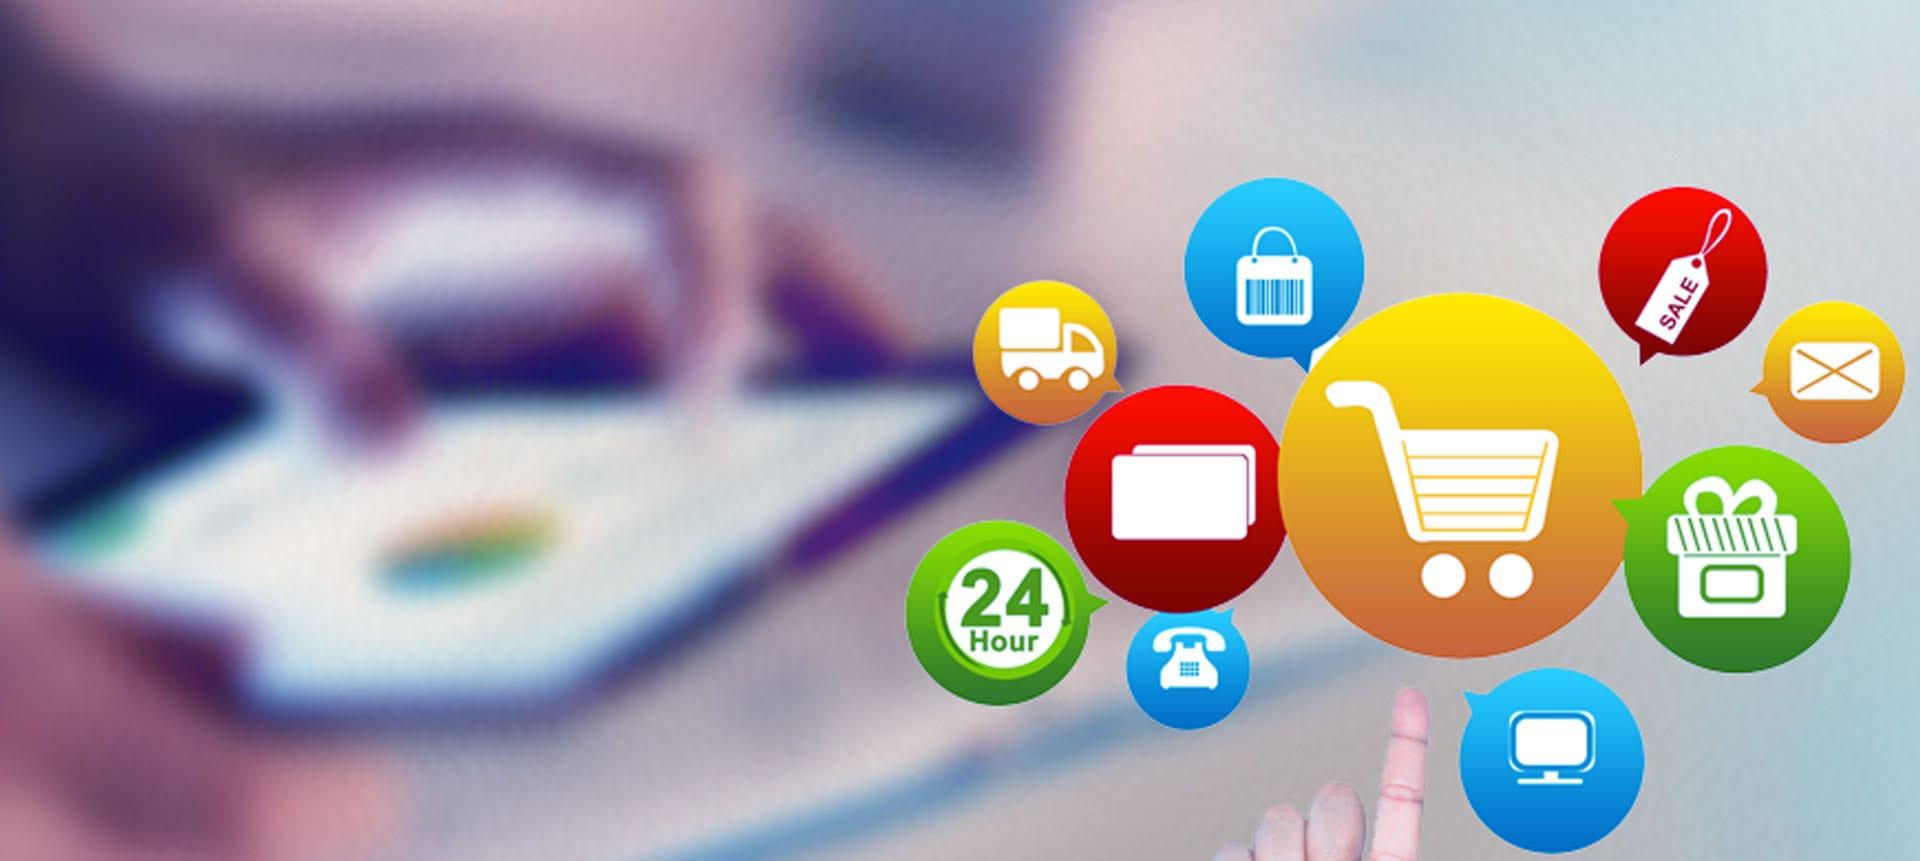 Веб дизайн раскрутка продвижение создание сайтов казань add message продвижение веб сайтов на украине